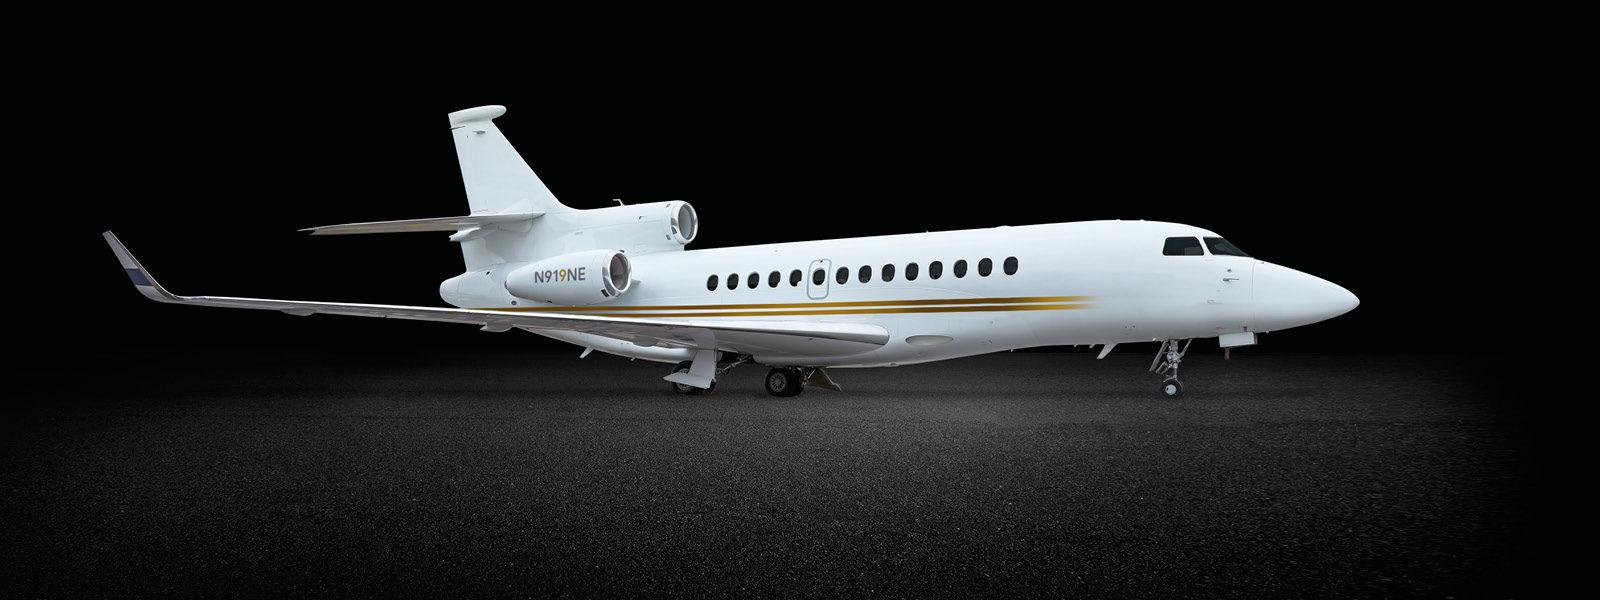 Falcon - N919NE